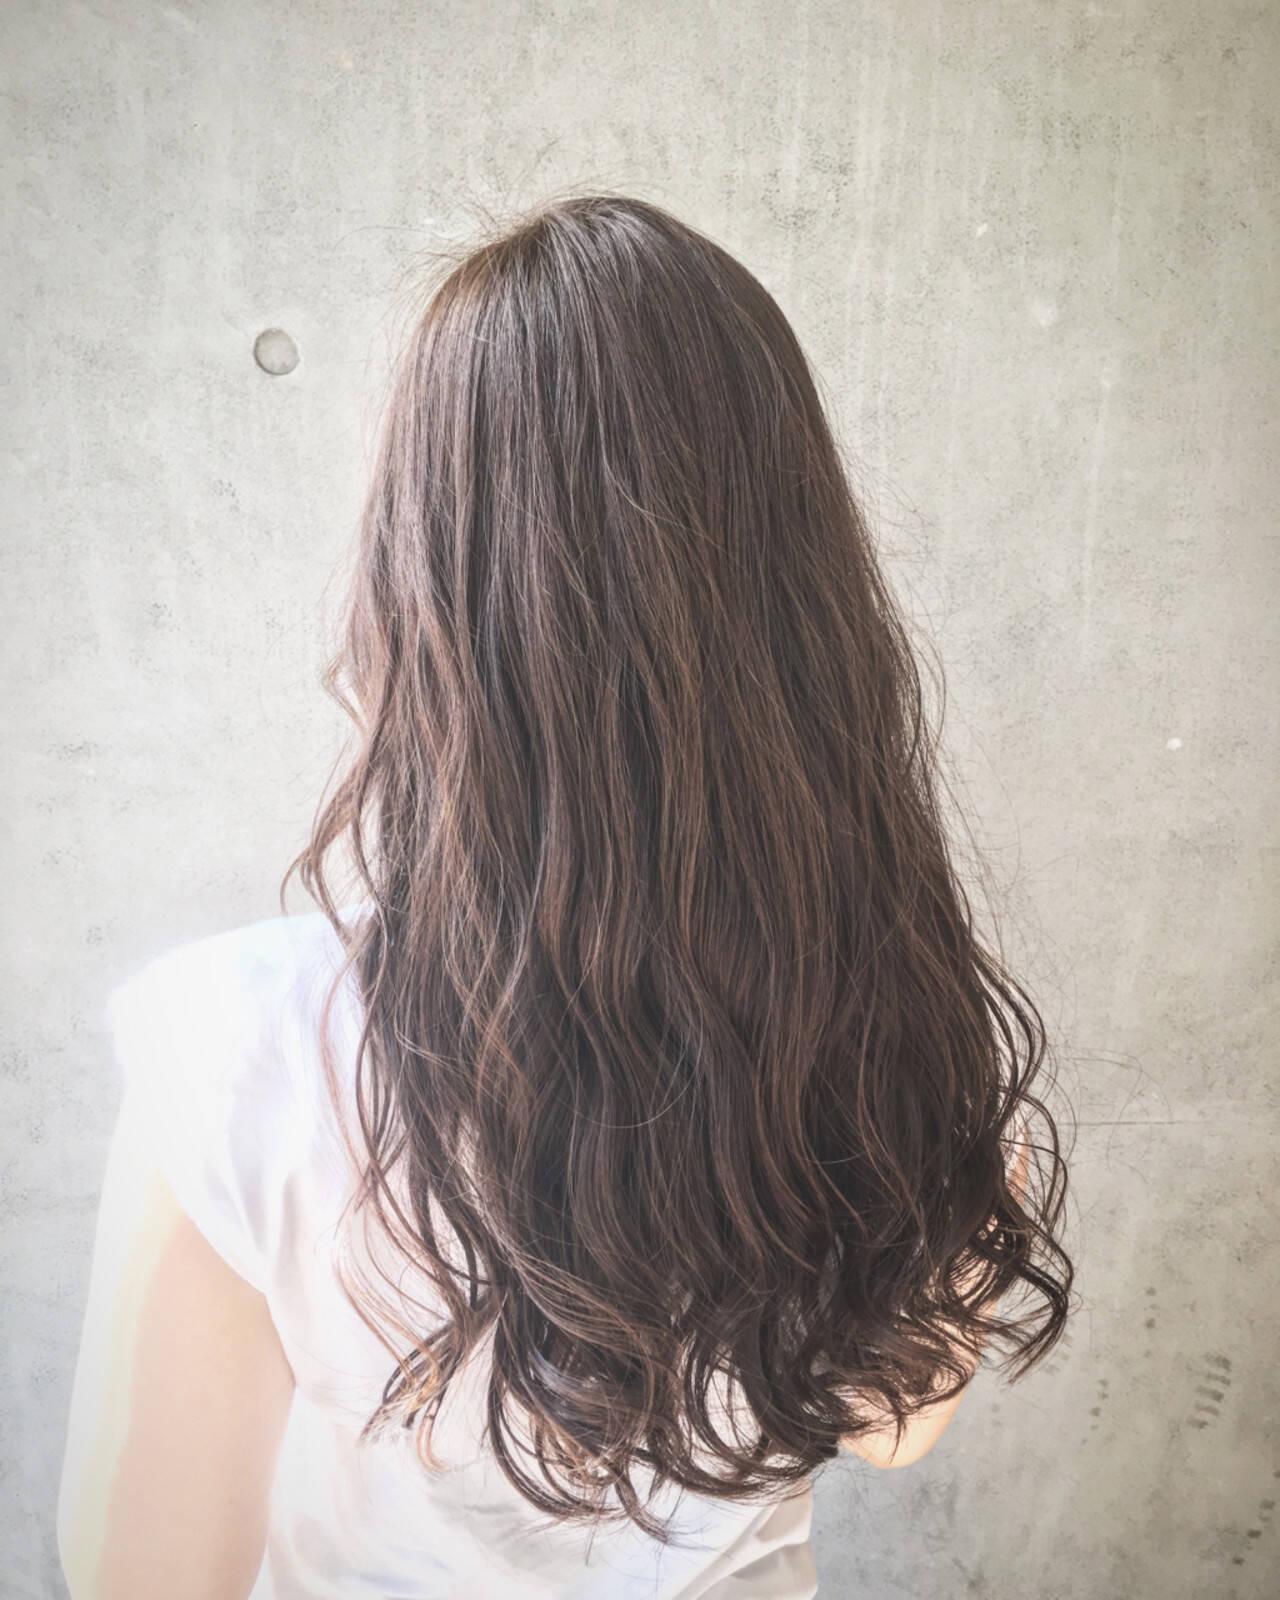 モテ髪 ナチュラル アッシュベージュ ロングヘアスタイルや髪型の写真・画像